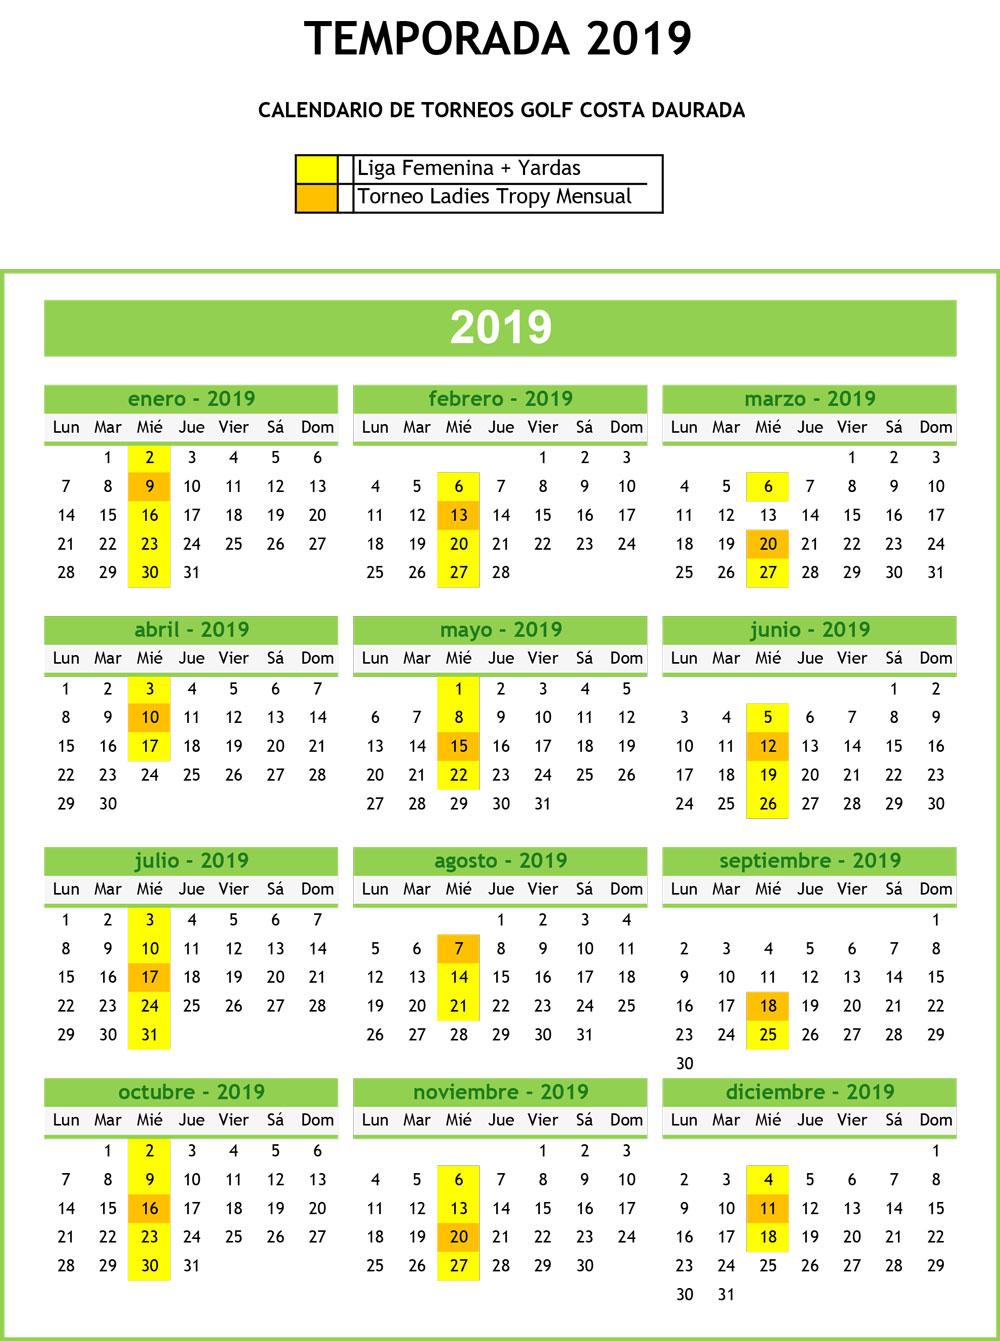 Calendario Liga Femenina.Liga Femenina Yardas 2019 Golf Costa Daurada Yardas Tour